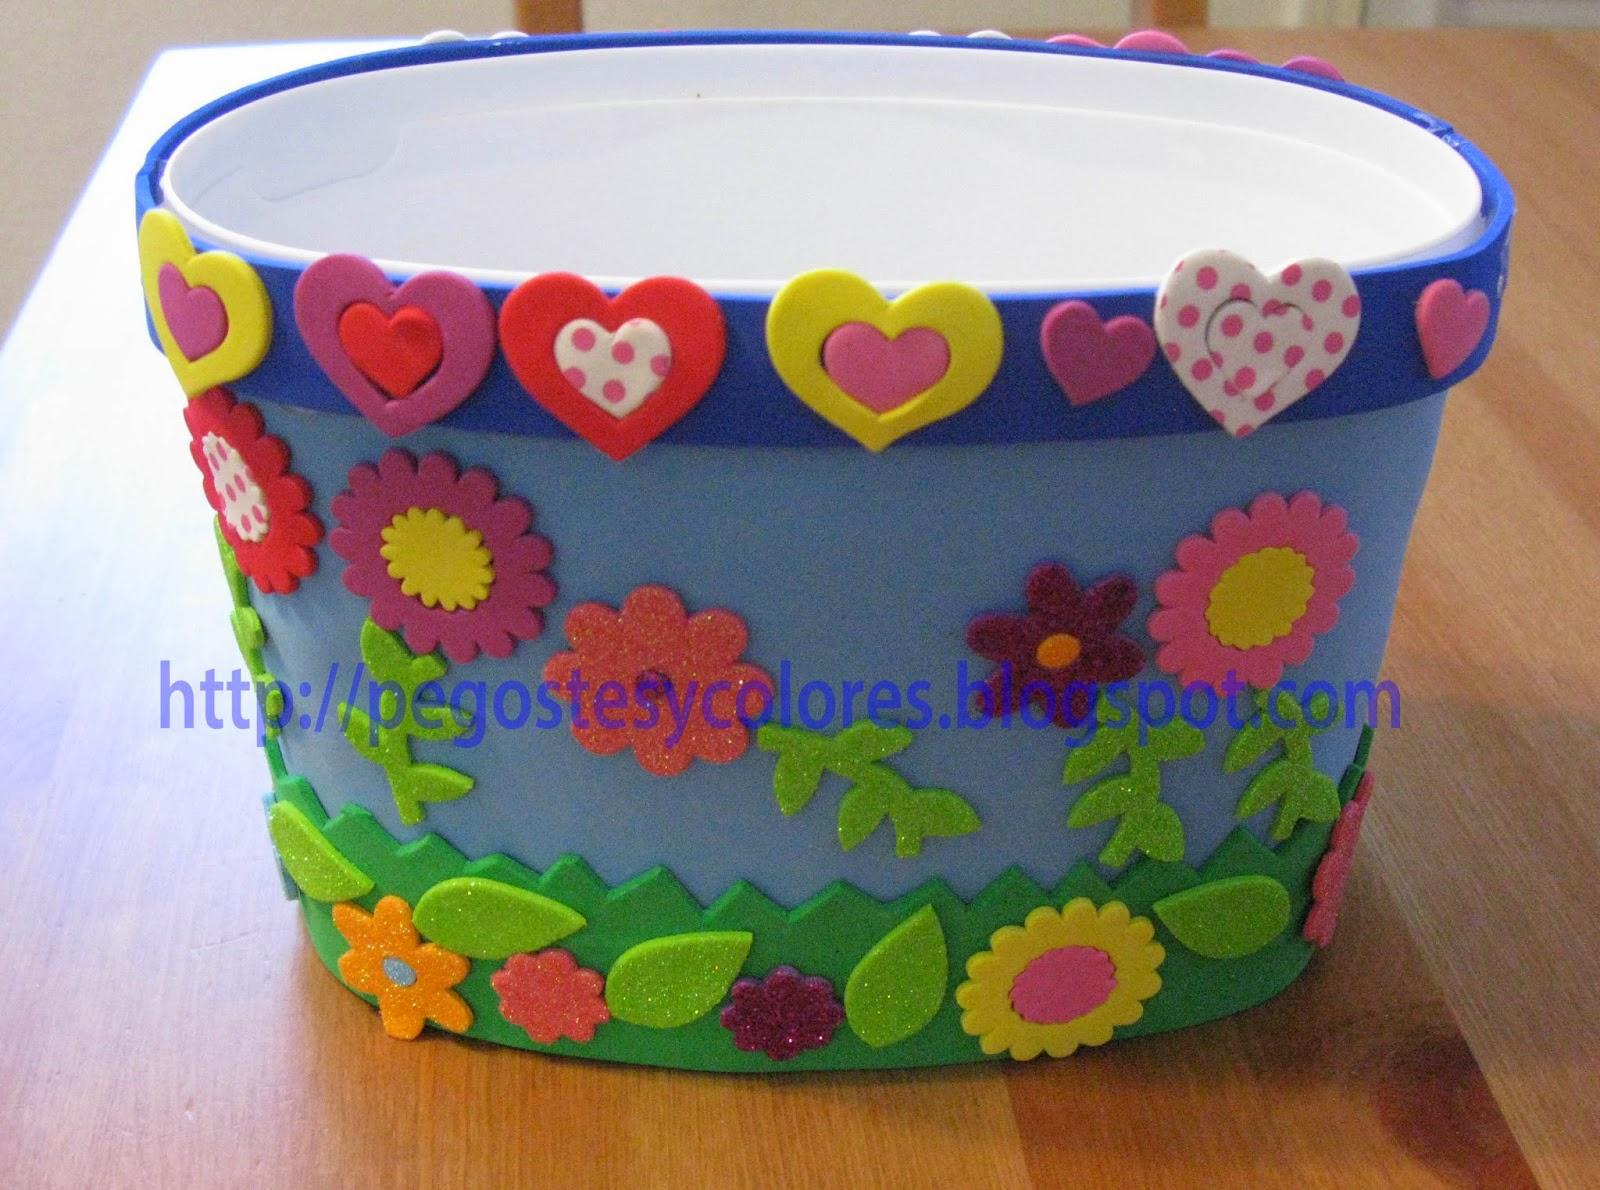 Pegostes y colores canasta de flores de foamy para la pascua - Decorar con colores ...